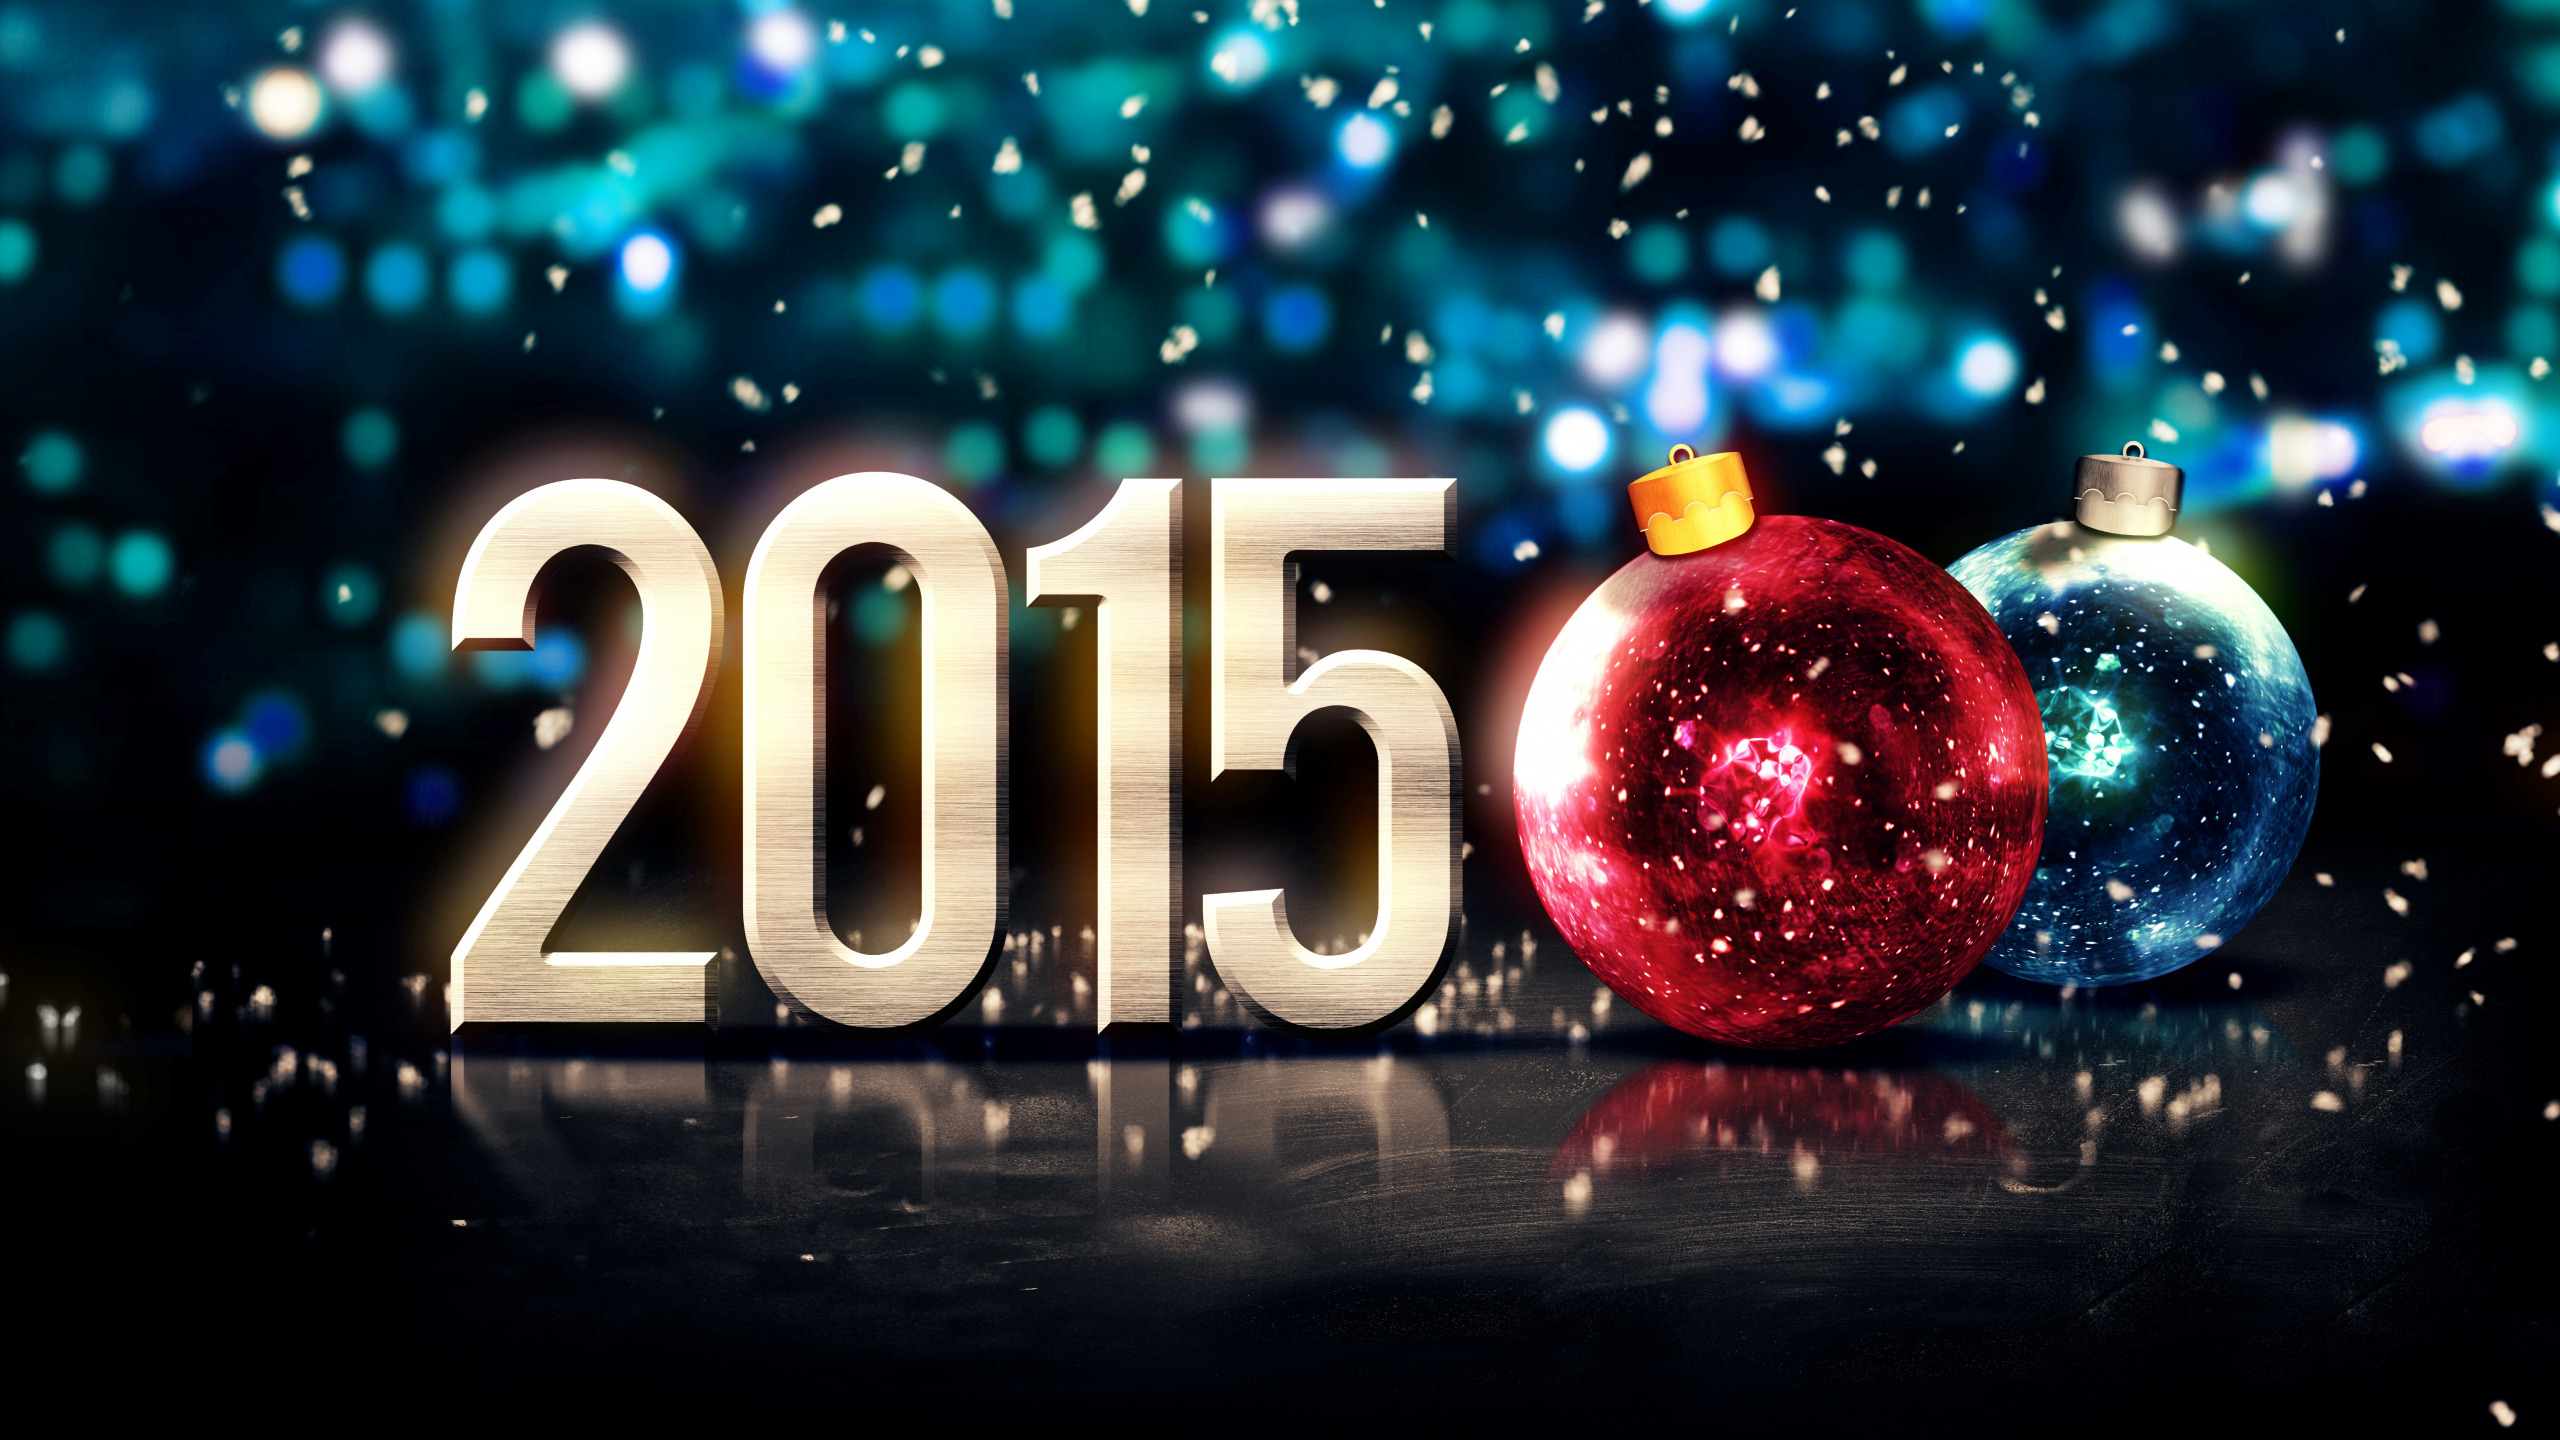 погодой фото открыток нового года 2015 разнообразия специй неожиданного